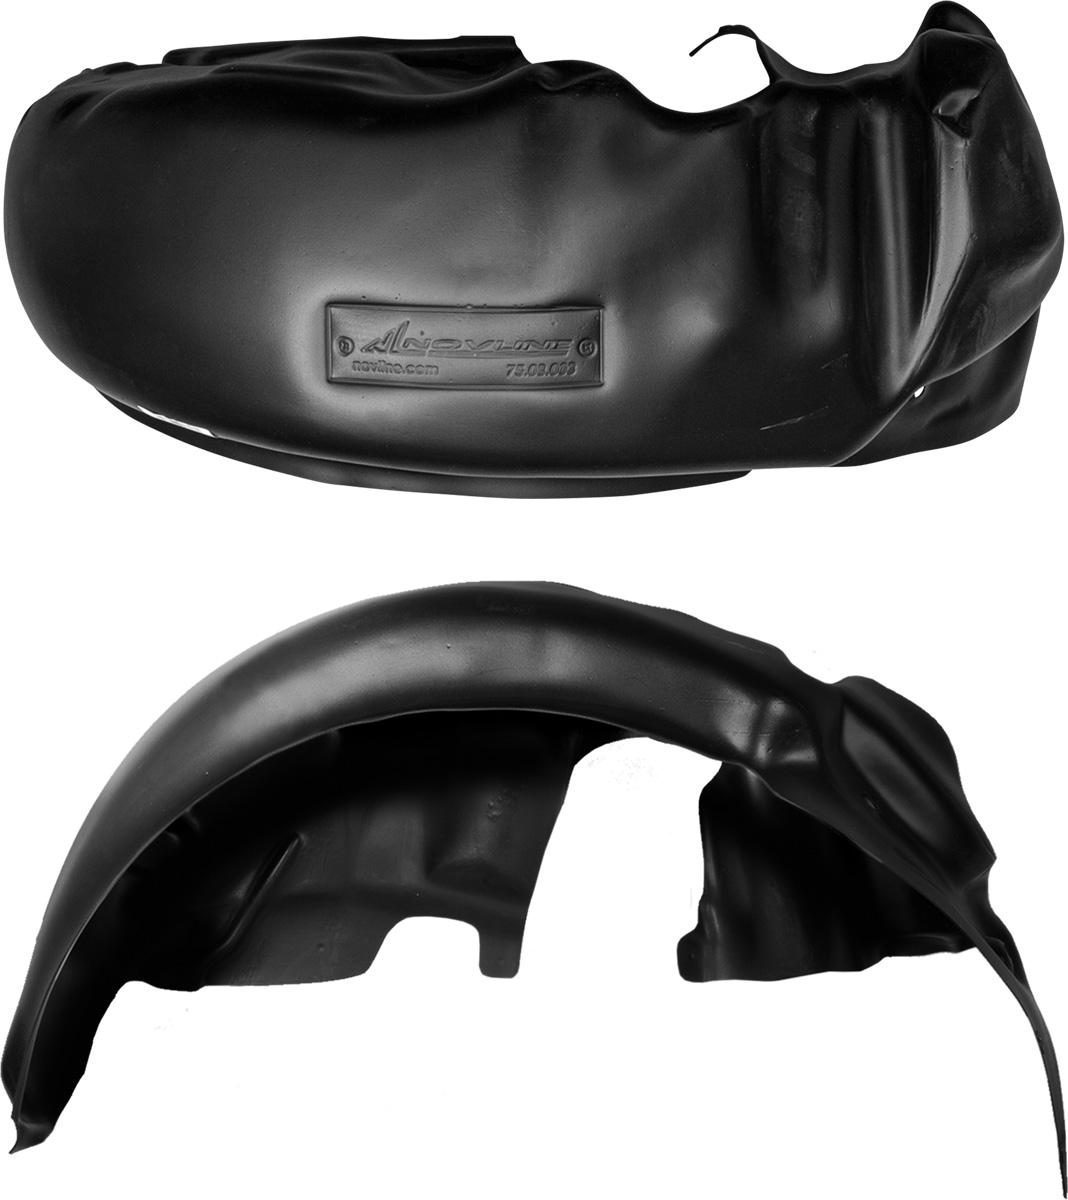 Подкрылок Novline-Autofamily, для Lada Priora, 2007 ->, передний правыйVCA-00Колесные ниши - одни из самых уязвимых зон днища вашего автомобиля. Они постоянно подвергаются воздействию со стороны дороги. Лучшая, почти абсолютная защита для них - специально отформованные пластиковые кожухи, которые называются подкрылками. Производятся они как для отечественных моделей автомобилей, так и для иномарок. Подкрылки Novline-Autofamily выполнены из высококачественного, экологически чистого пластика. Обеспечивают надежную защиту кузова автомобиля от пескоструйного эффекта и негативного влияния, агрессивных антигололедных реагентов. Пластик обладает более низкой теплопроводностью, чем металл, поэтому в зимний период эксплуатации использование пластиковых подкрылков позволяет лучше защитить колесные ниши от налипания снега и образования наледи. Оригинальность конструкции подчеркивает элегантность автомобиля, бережно защищает нанесенное на днище кузова антикоррозийное покрытие и позволяет осуществить крепление подкрылков внутри колесной арки практически без дополнительного крепежа и сверления, не нарушая при этом лакокрасочного покрытия, что предотвращает возникновение новых очагов коррозии. Подкрылки долговечны, обладают высокой прочностью и сохраняют заданную форму, а также все свои физико-механические характеристики в самых тяжелых климатических условиях (от -50°С до +50°С).Уважаемые клиенты!Обращаем ваше внимание, на тот факт, что подкрылок имеет форму, соответствующую модели данного автомобиля. Фото служит для визуального восприятия товара.